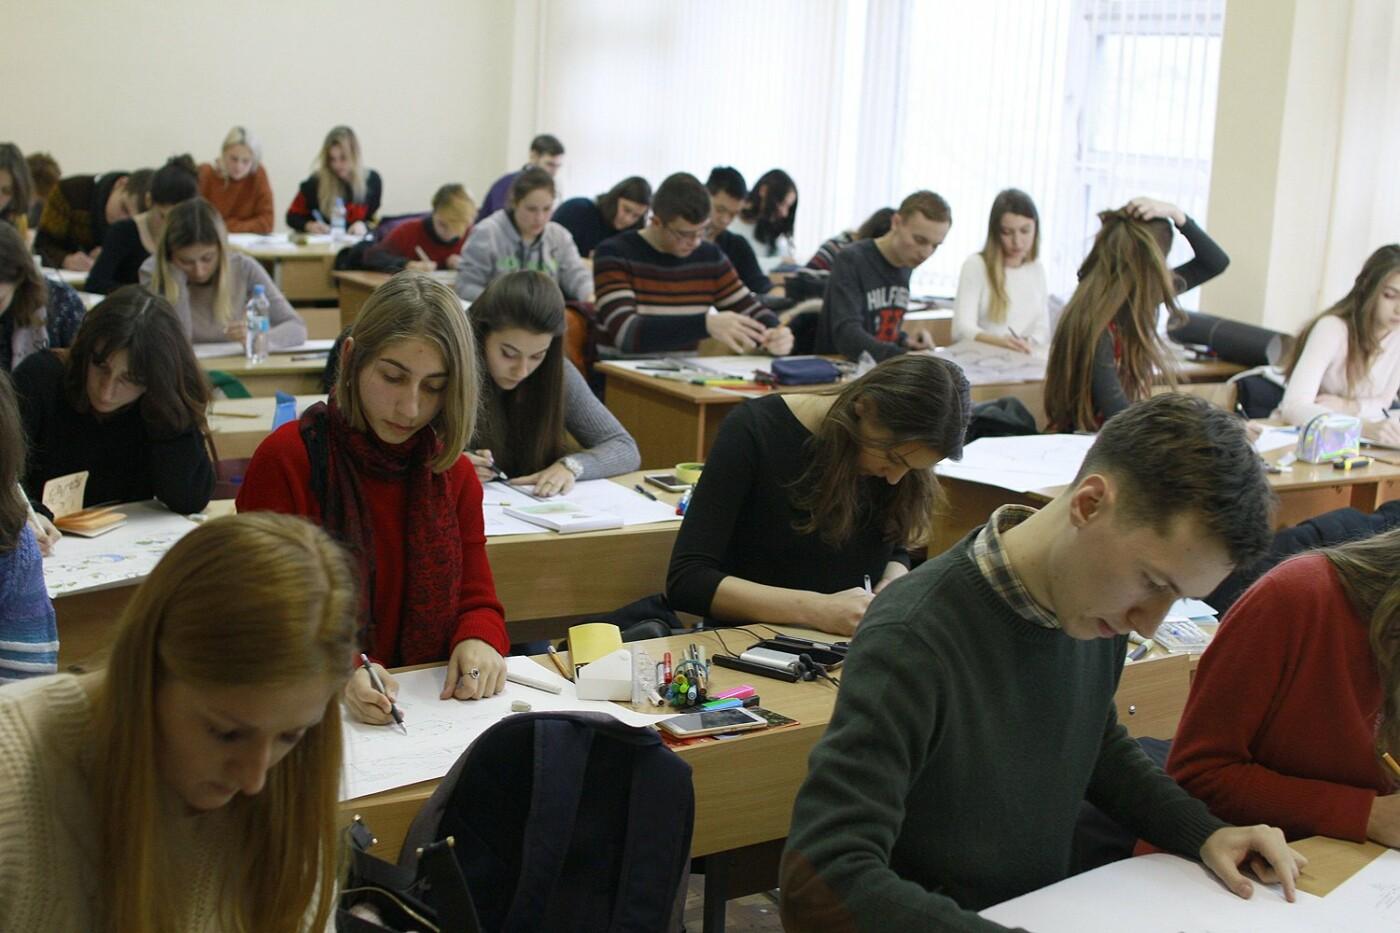 Харьковские студенты сражаются за Милан в престижном конкурсе, фото-1